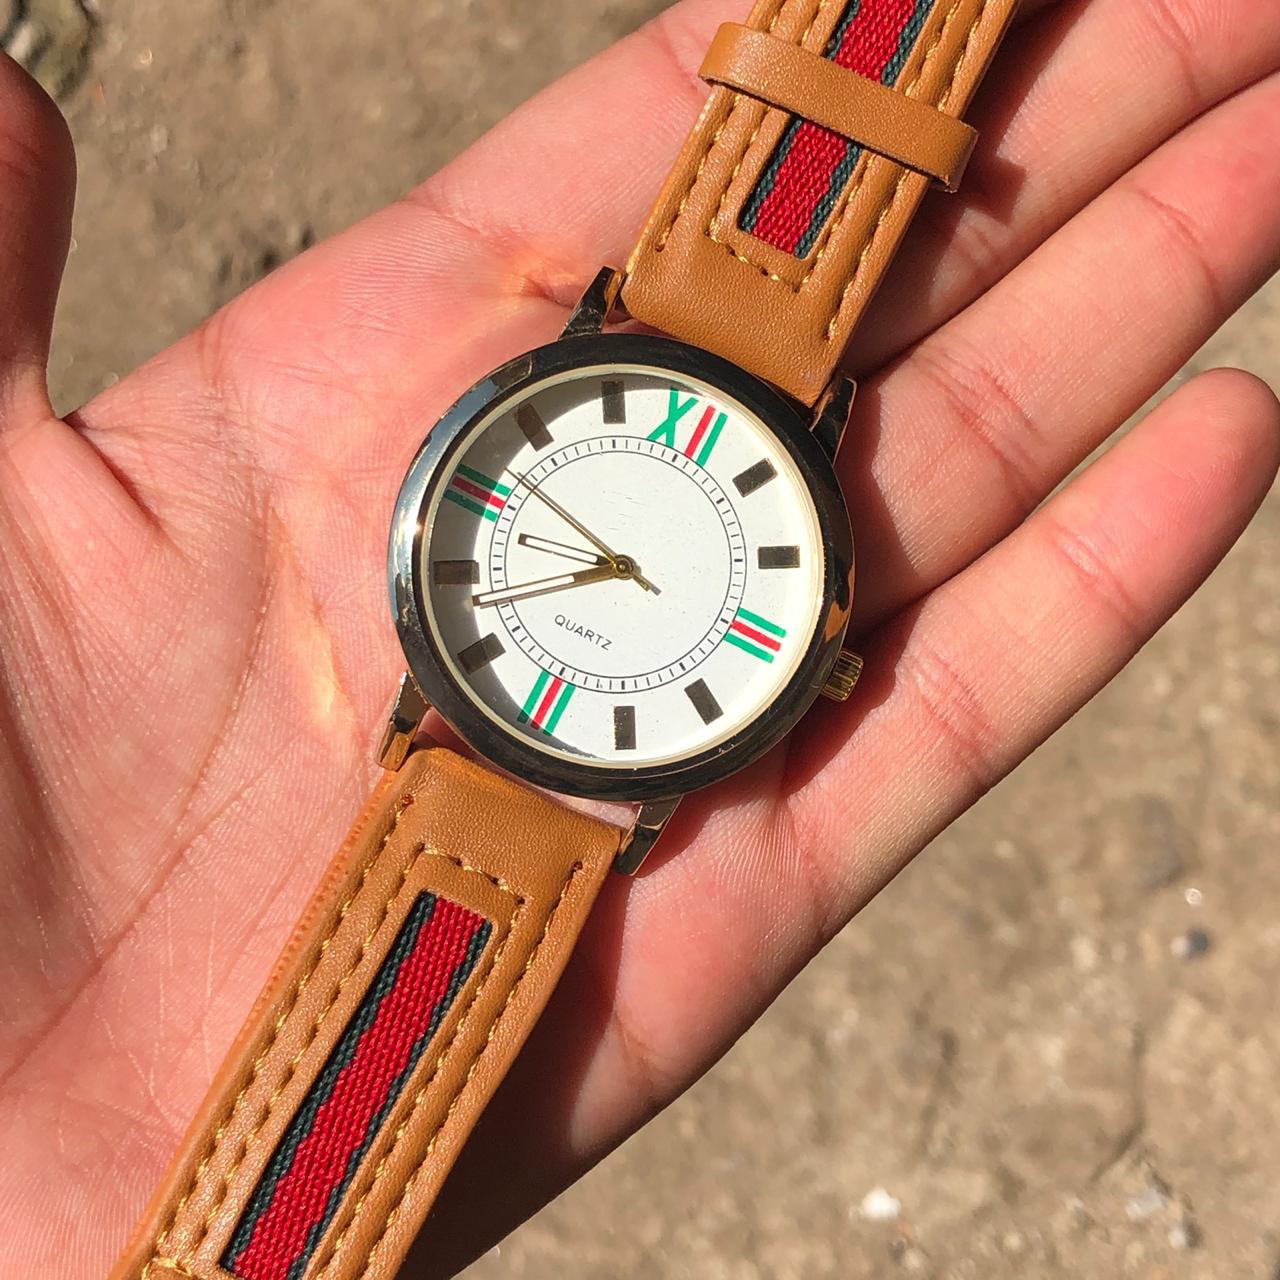 187ddd98239 Relógio Feminino Inspiração Gucci Pulseira de Couro Caramelo ...